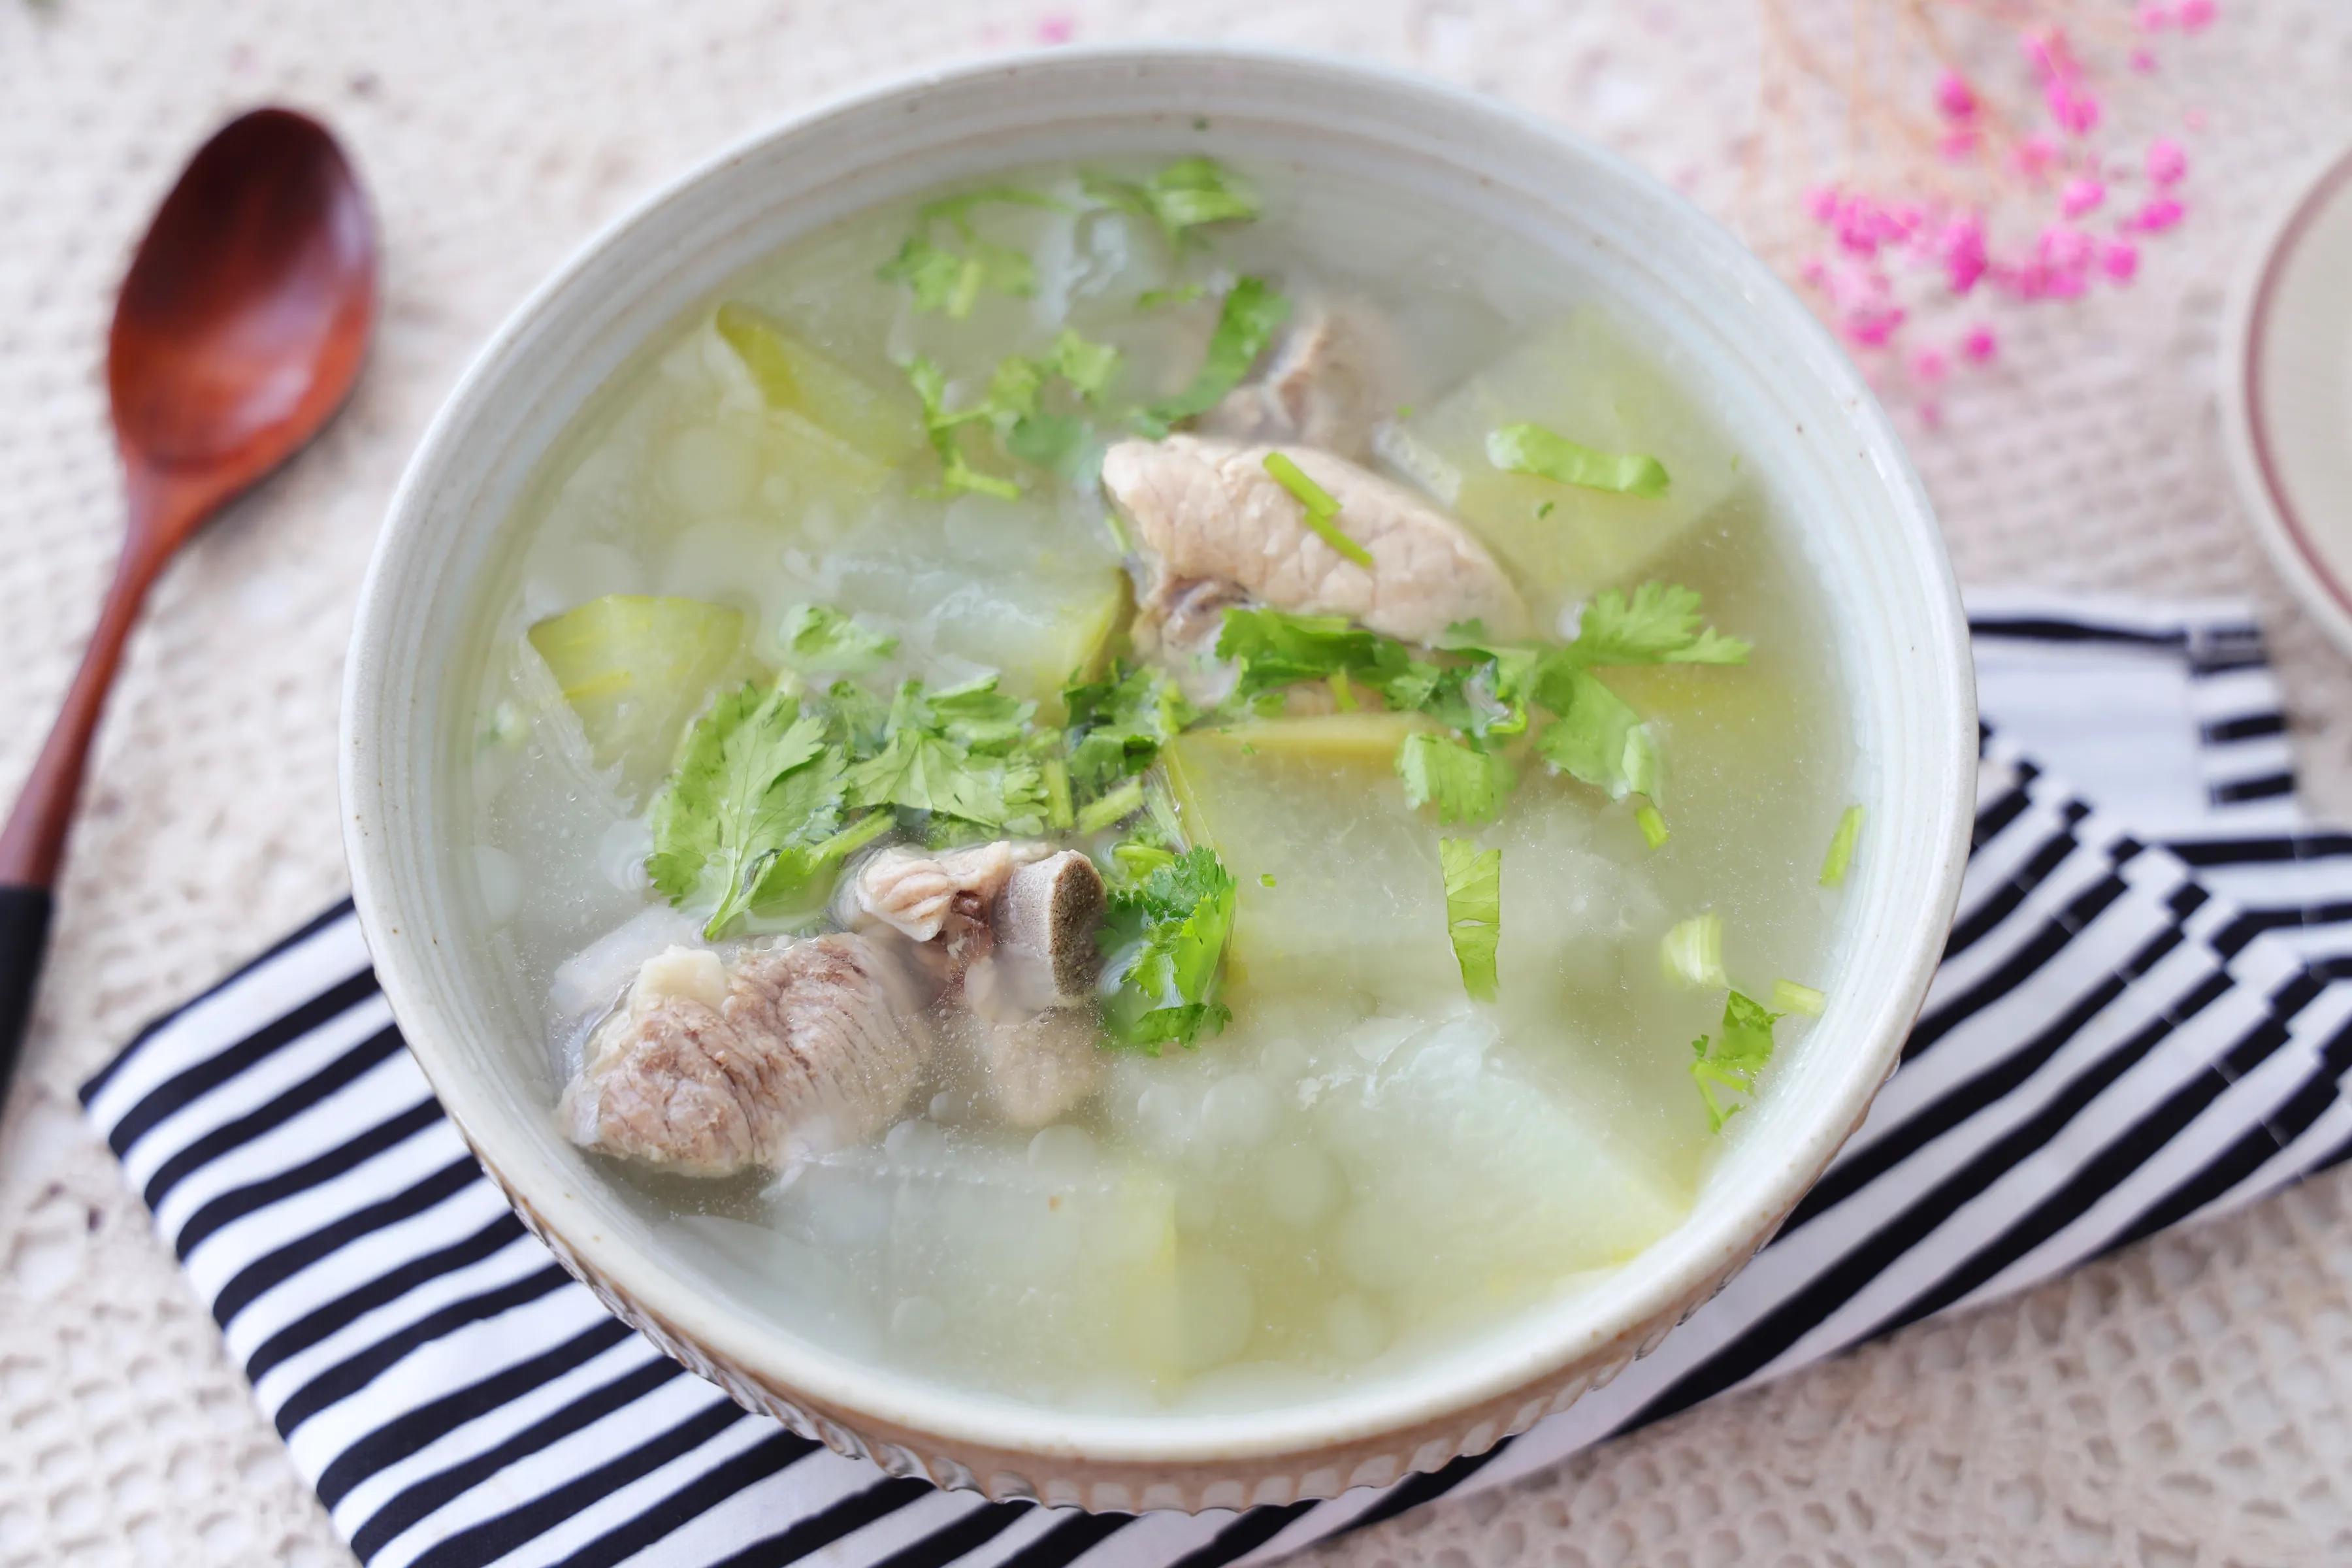 夏天太愛喝這碗湯了,清淡爽口不油膩,還能清熱下火,一定要多喝